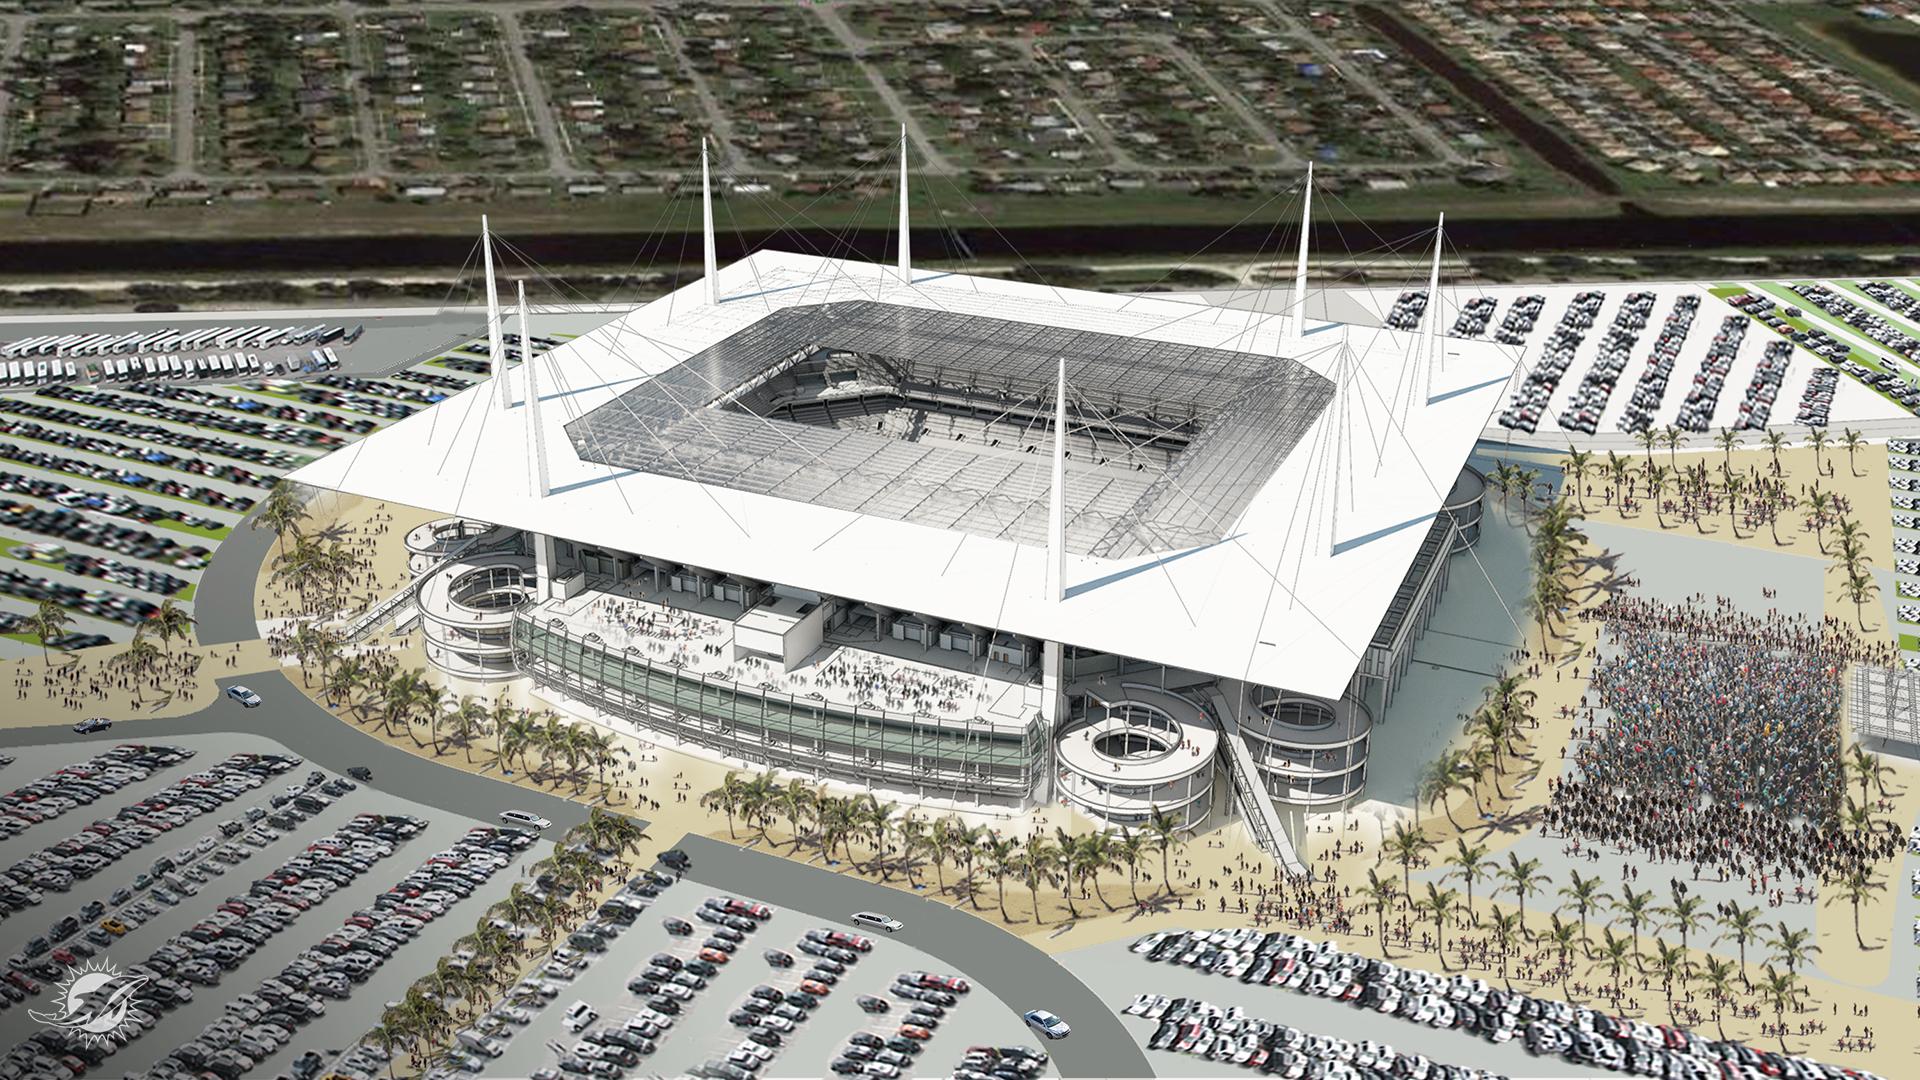 Stadium-aerial-view